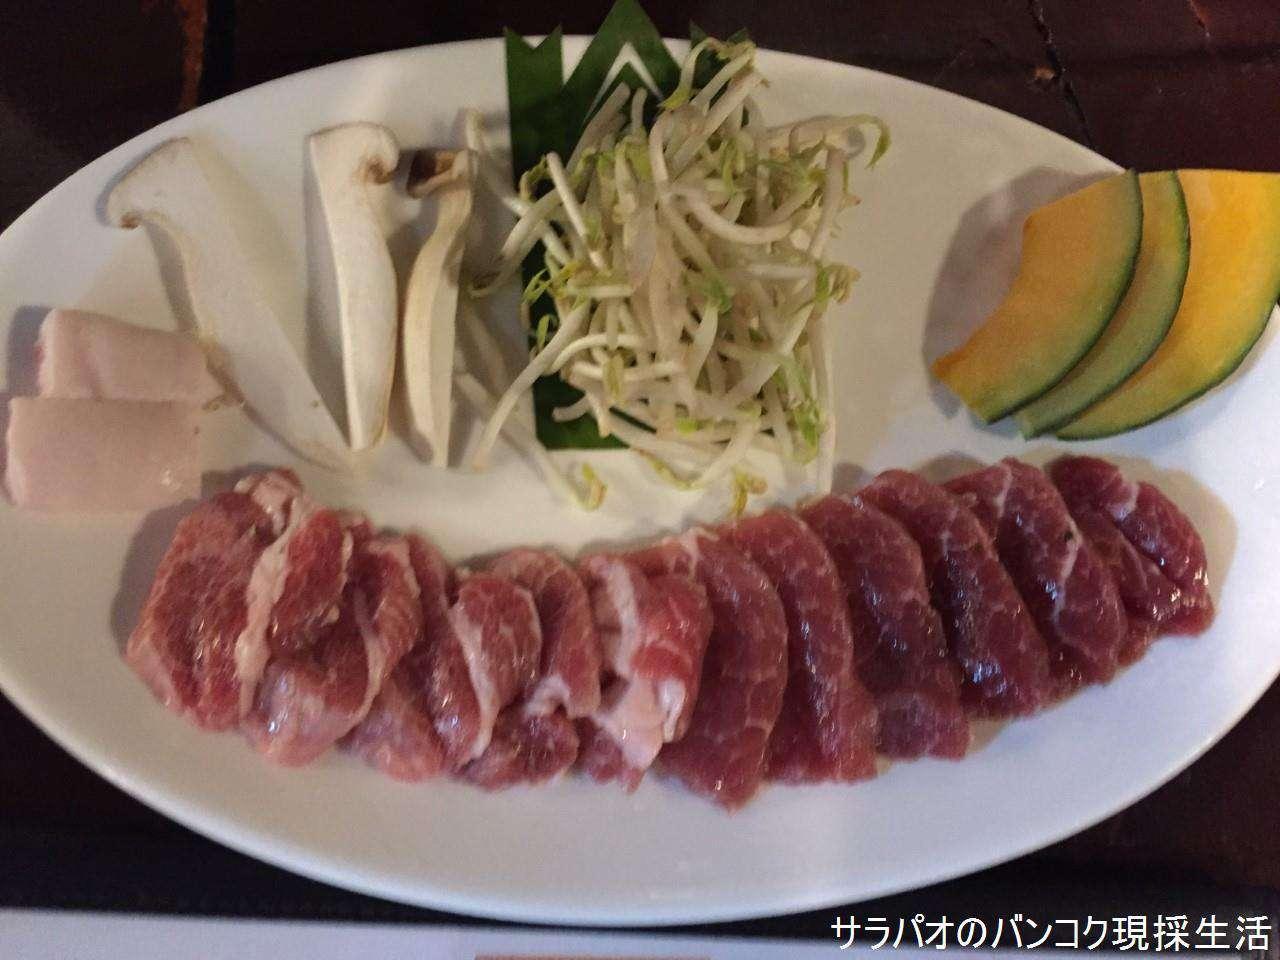 北海道しろくま屋でジンギスカン鍋を食す in アソーク